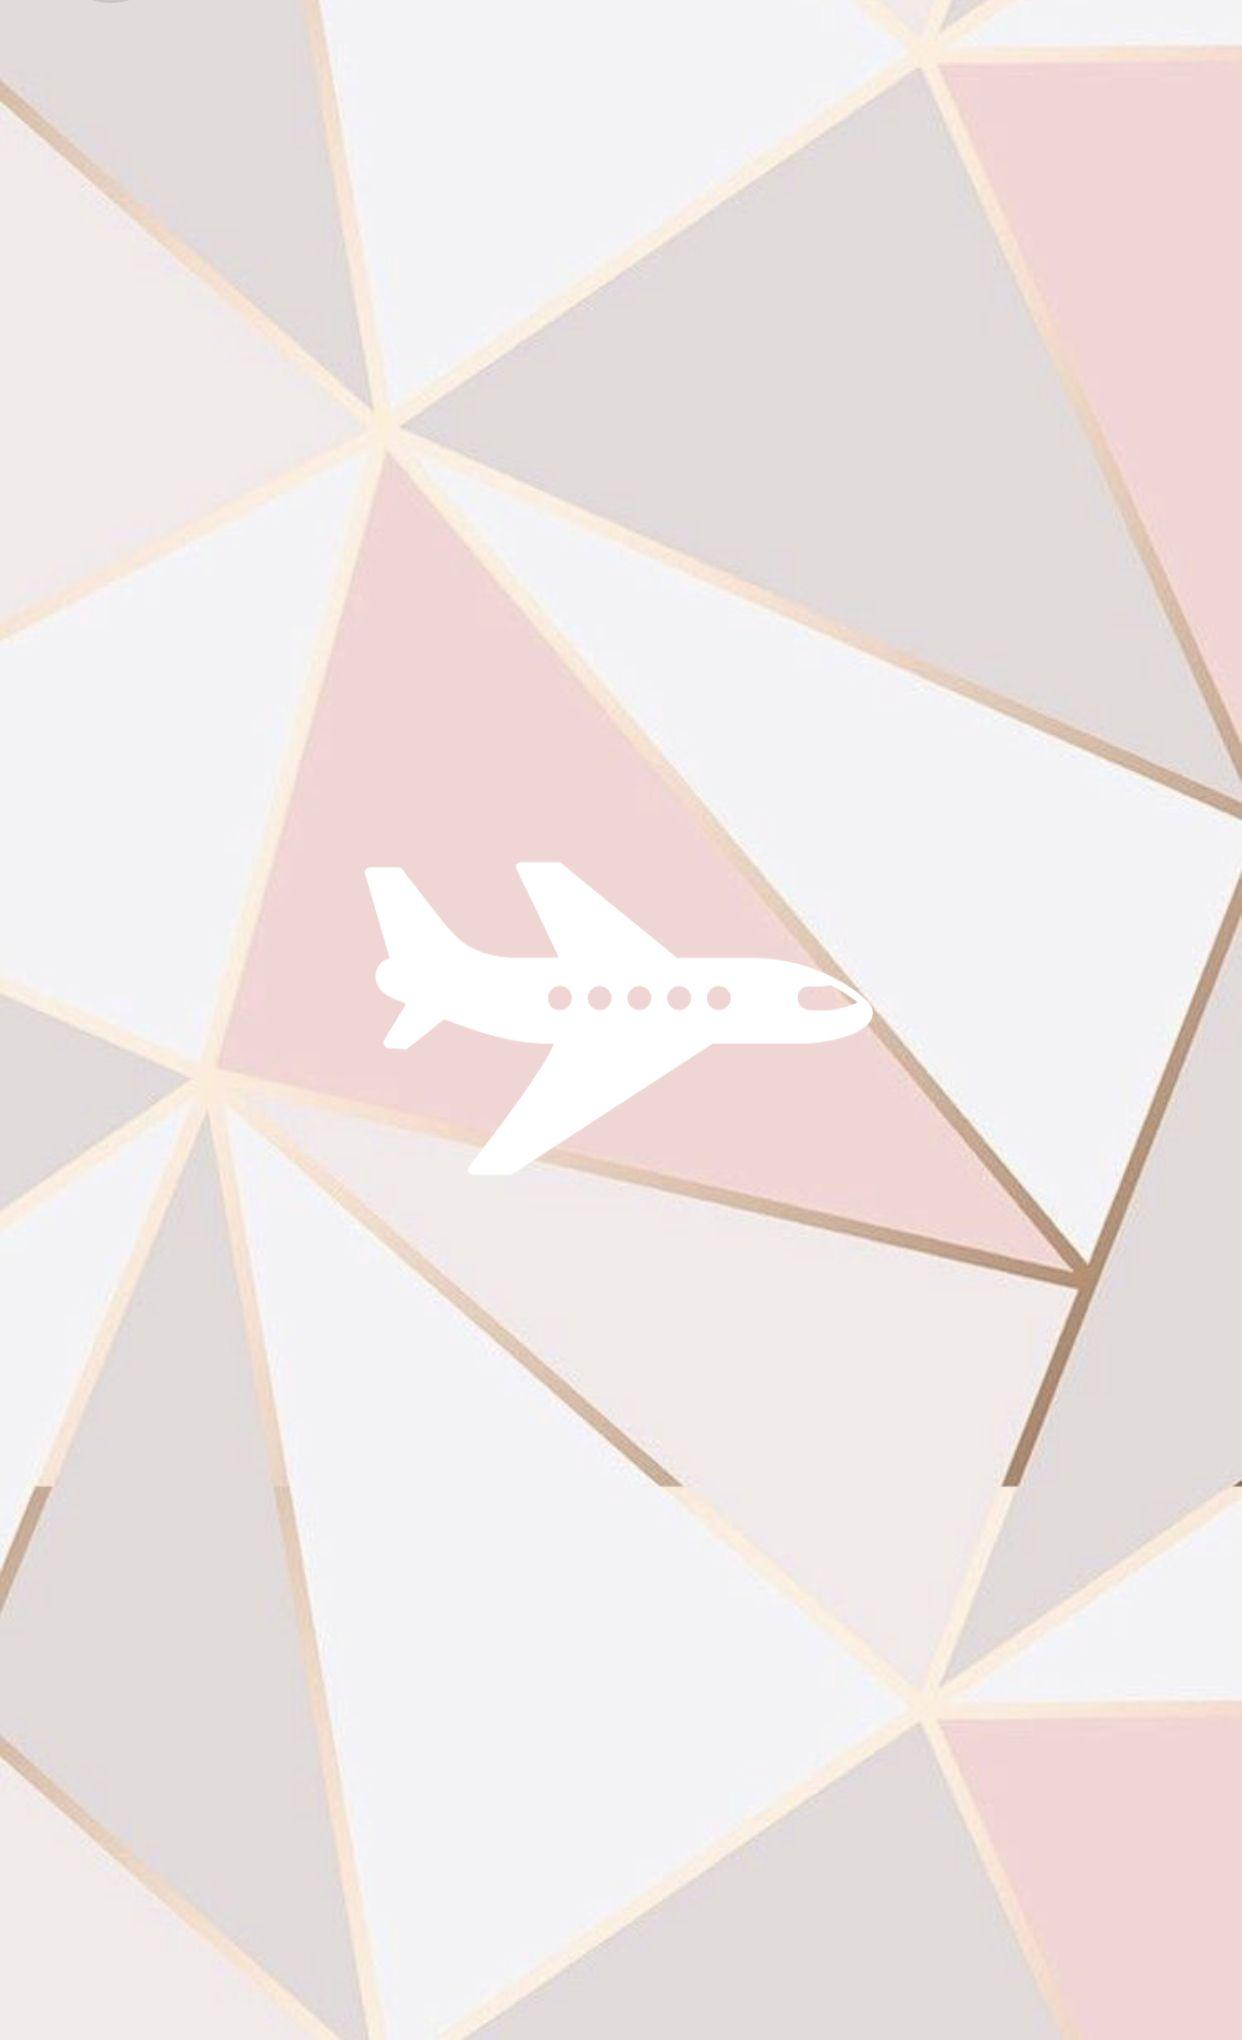 Geometric Design Travel Instagram Highlight Cover Papel De